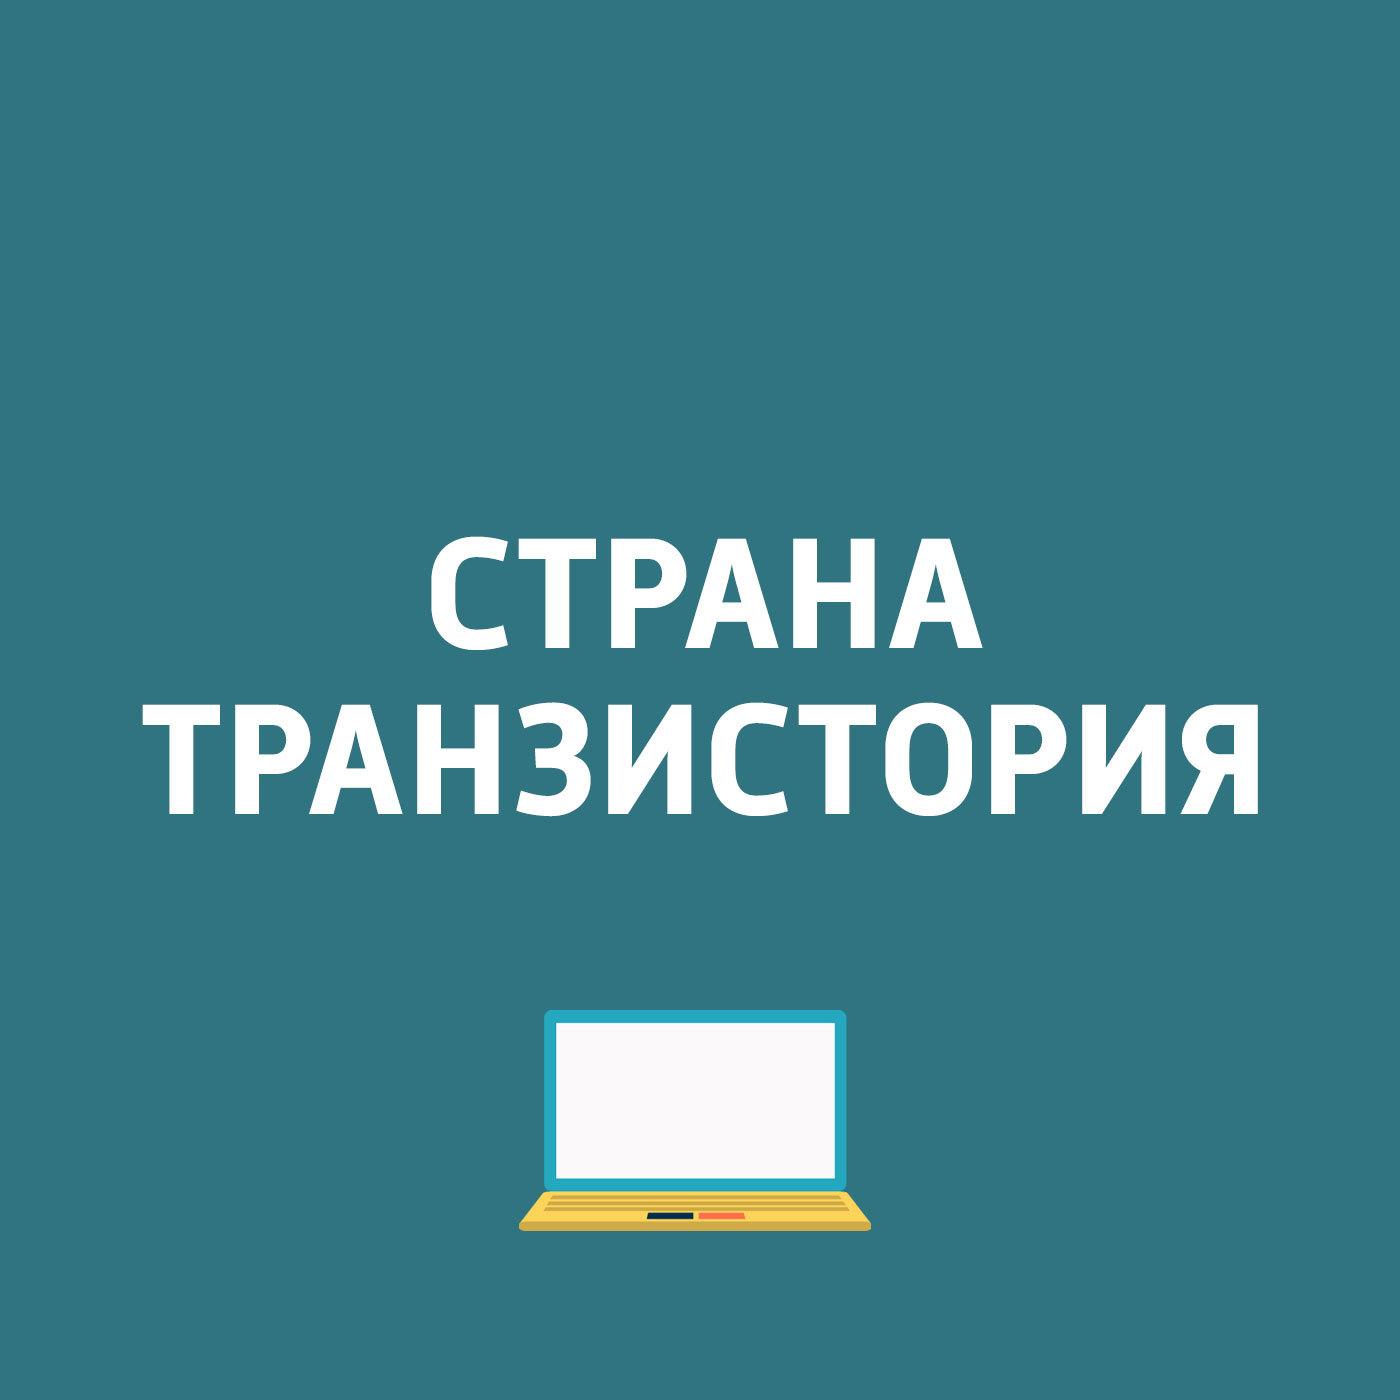 Картаев Павел начнет продажи Galaxy Note 7 одновременно с iPhone 7...